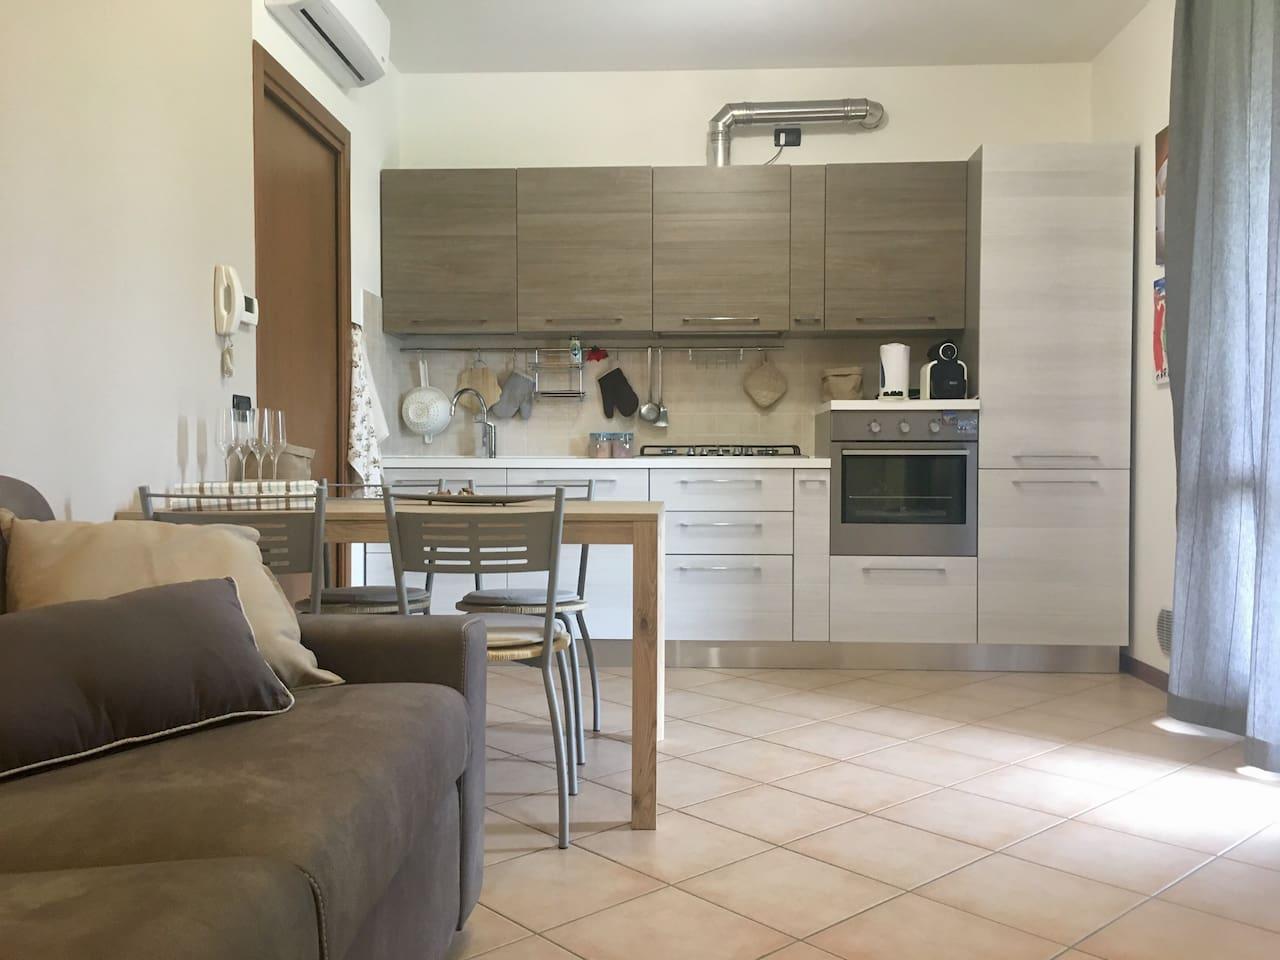 Nuova cucina dotata di lavastoviglie, forno, macchina del caffè (cialde), bollitore per tea e piano cottura a gas (5 fuochi)